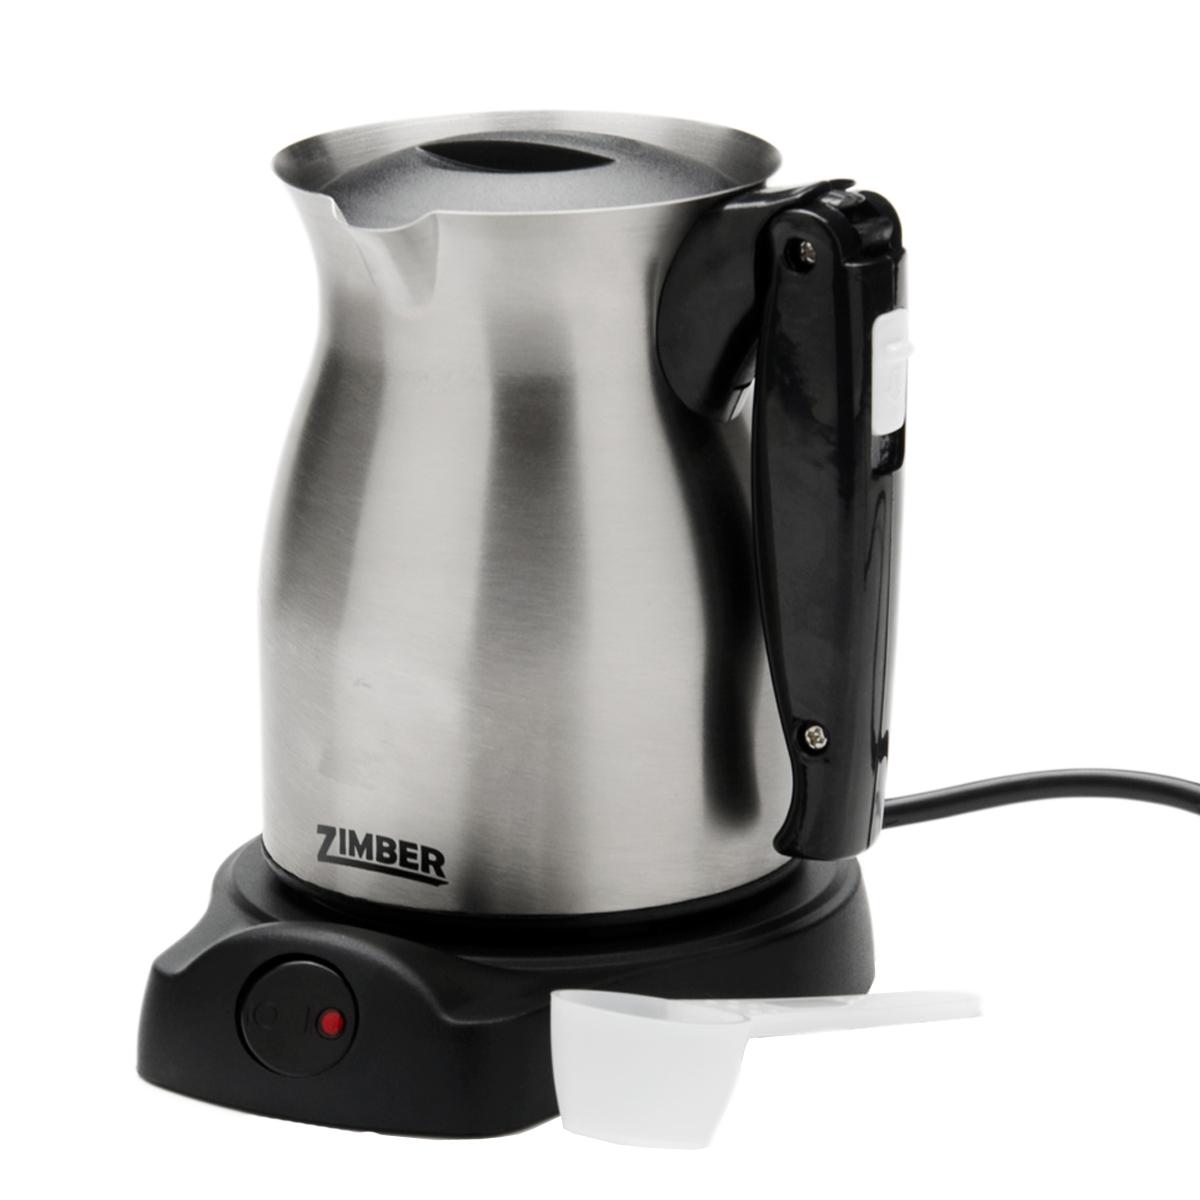 Zimber ZM-10934 кофеваркаZM-10934Электротурка Zimber ZM-10934 позволит вам приготовить вкусный натуральный кофе. Вы сможете заварить его в электрической турке-кофеварке. Нагревательный элемент сделан из высококачественной нержавеющей стали, которая не впитывает запахи и на ней не образуется темный налет. Настоящие ценители кофе обязательно оценят ароматный напиток, который они смогут приготовить своими руками.